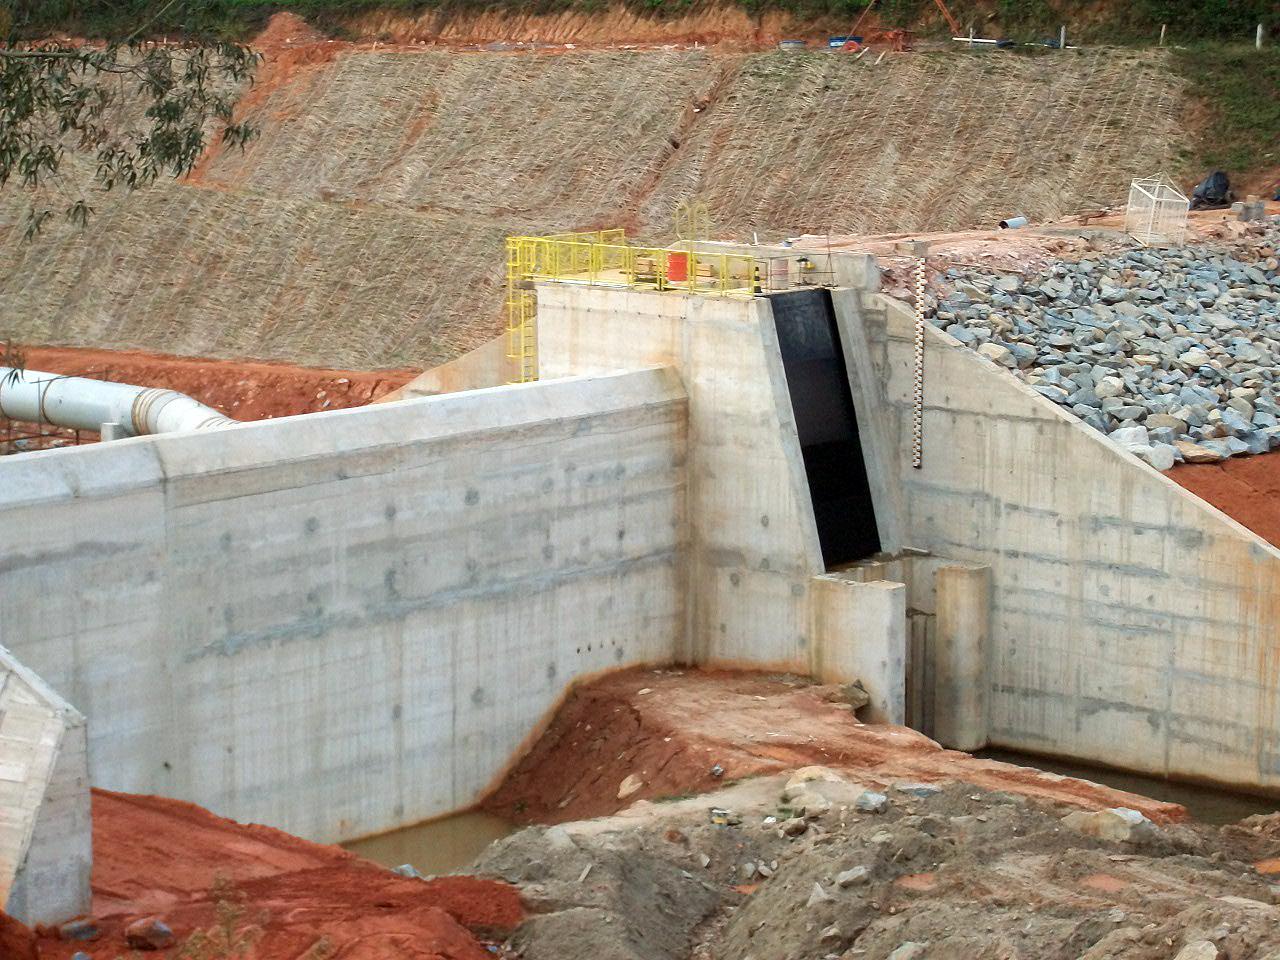 PCH em construção em Minas Gerais: há poucos projetos em andamento.